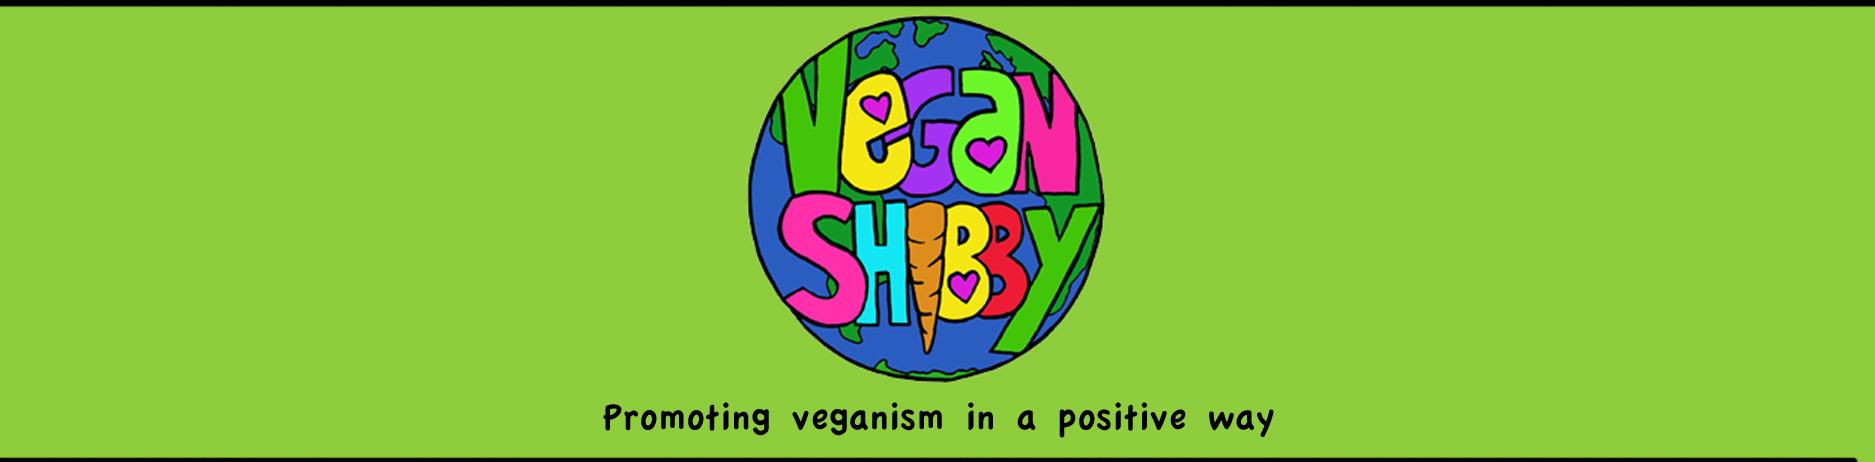 Vegan Shibby